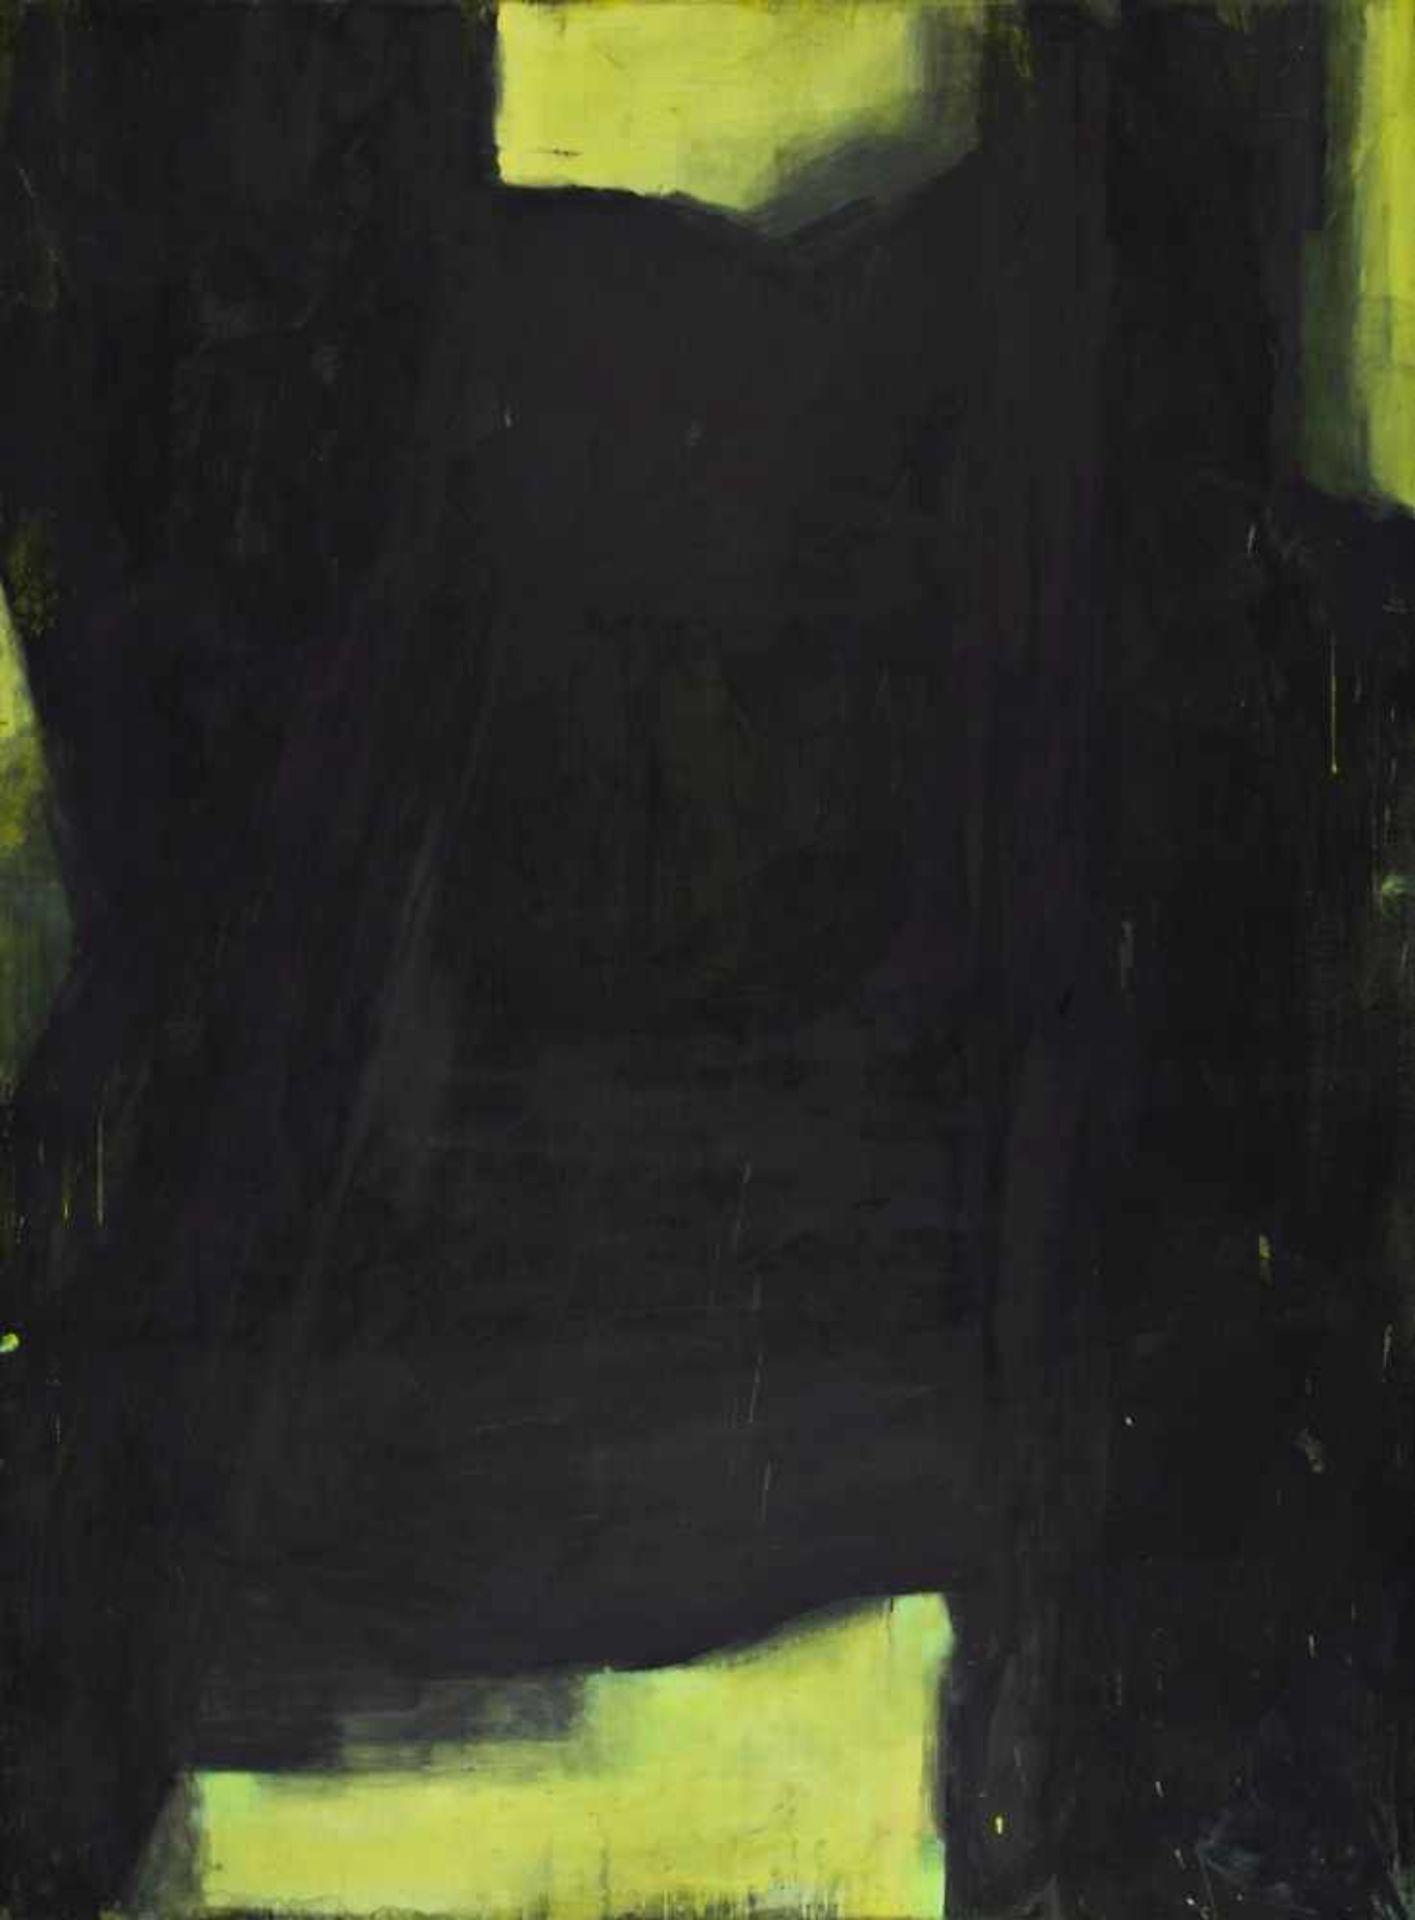 WALTER VOPAVA(1948 WIEN)o. T., 2000Dispersion auf Leinwand, 280 x 206 cmSignatur Rückseite rechts